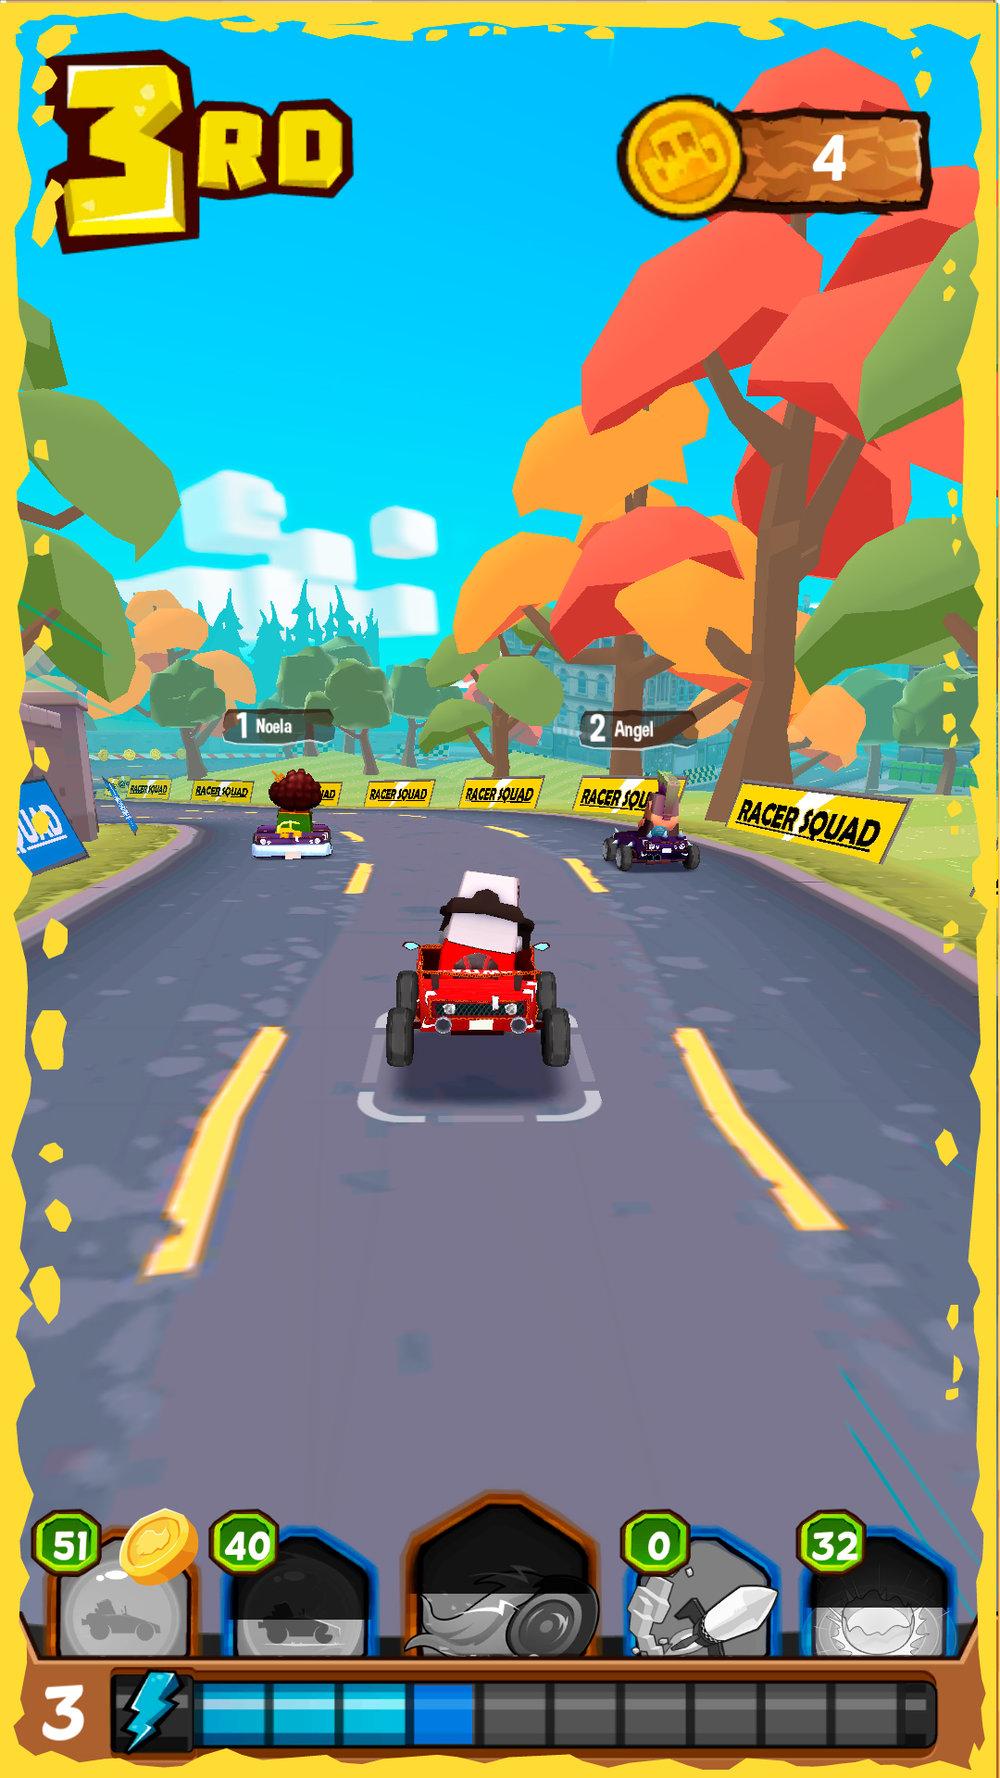 Racer_squad_7.jpg